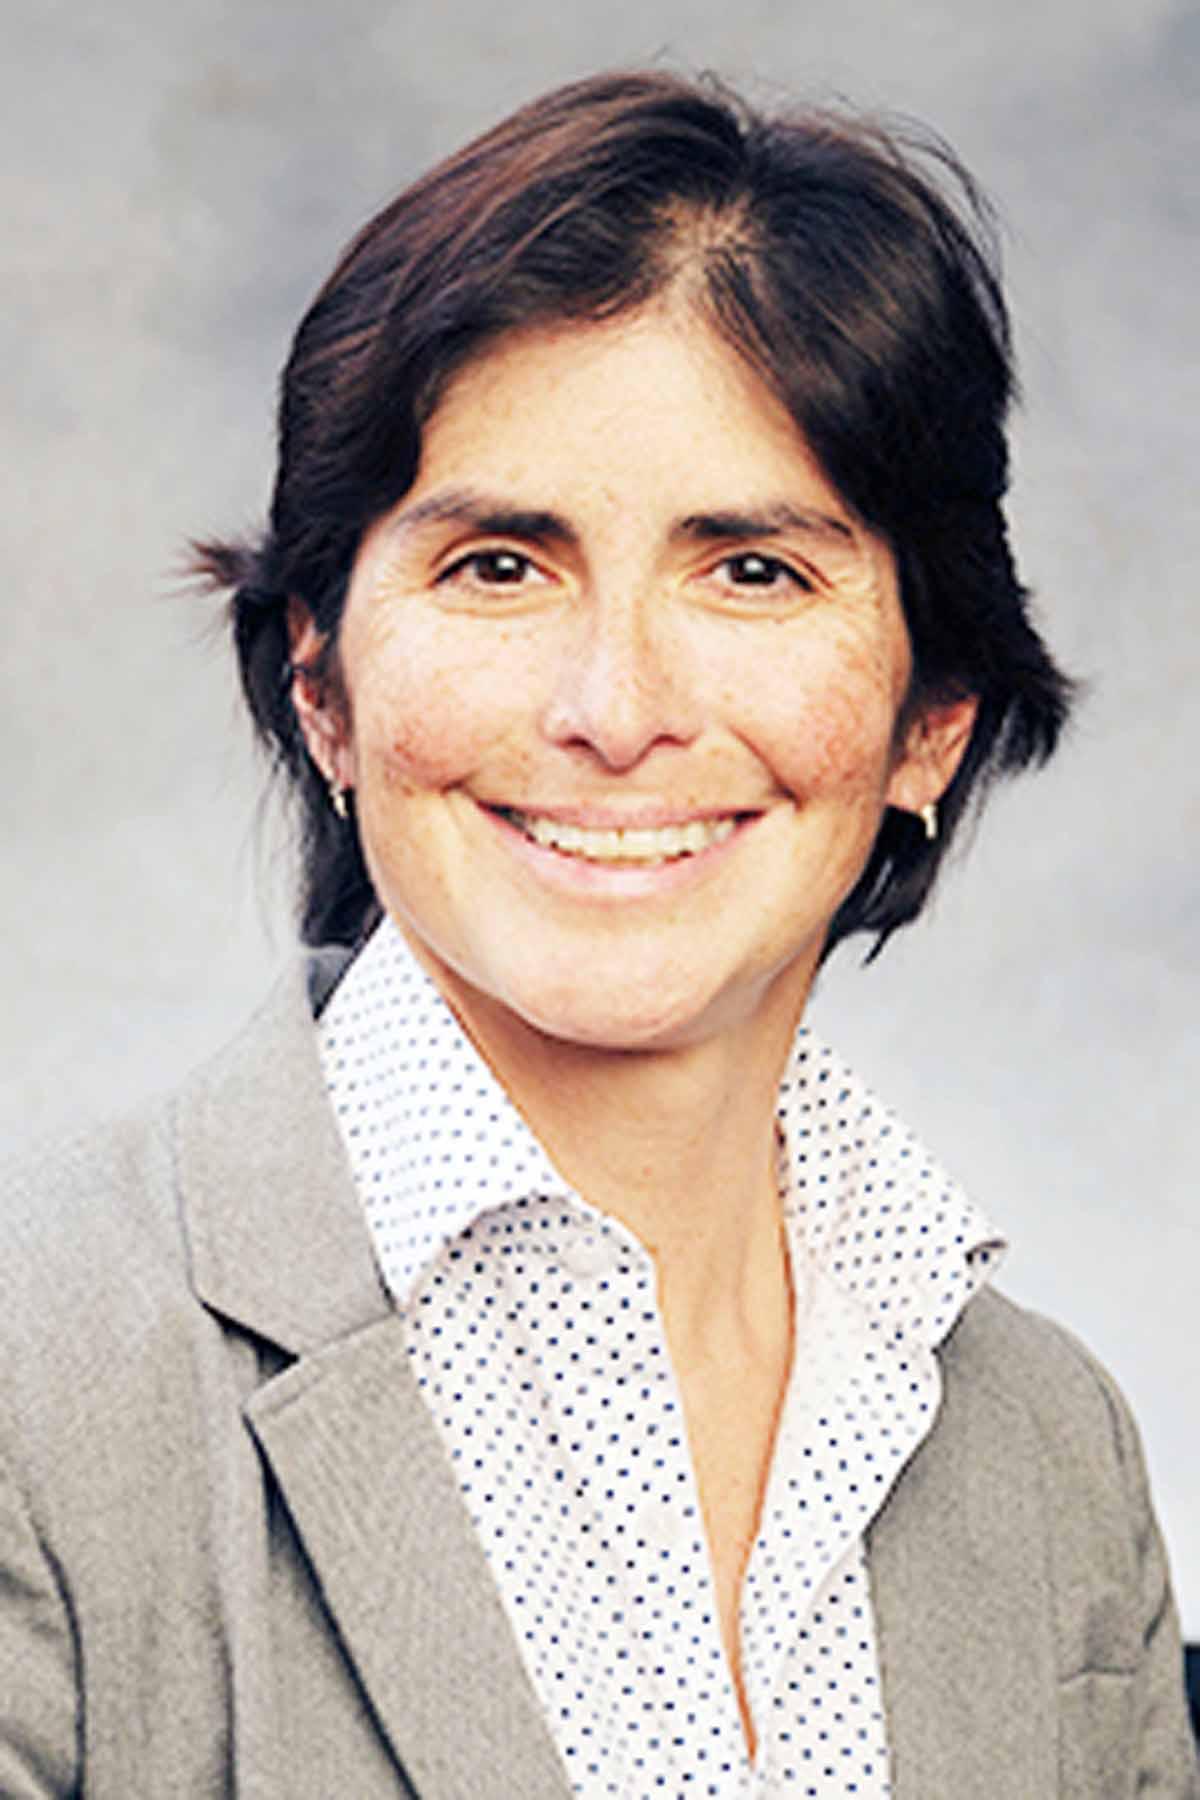 Dra. Ángela Salas es la nueva Decana Académica de Edgewood College